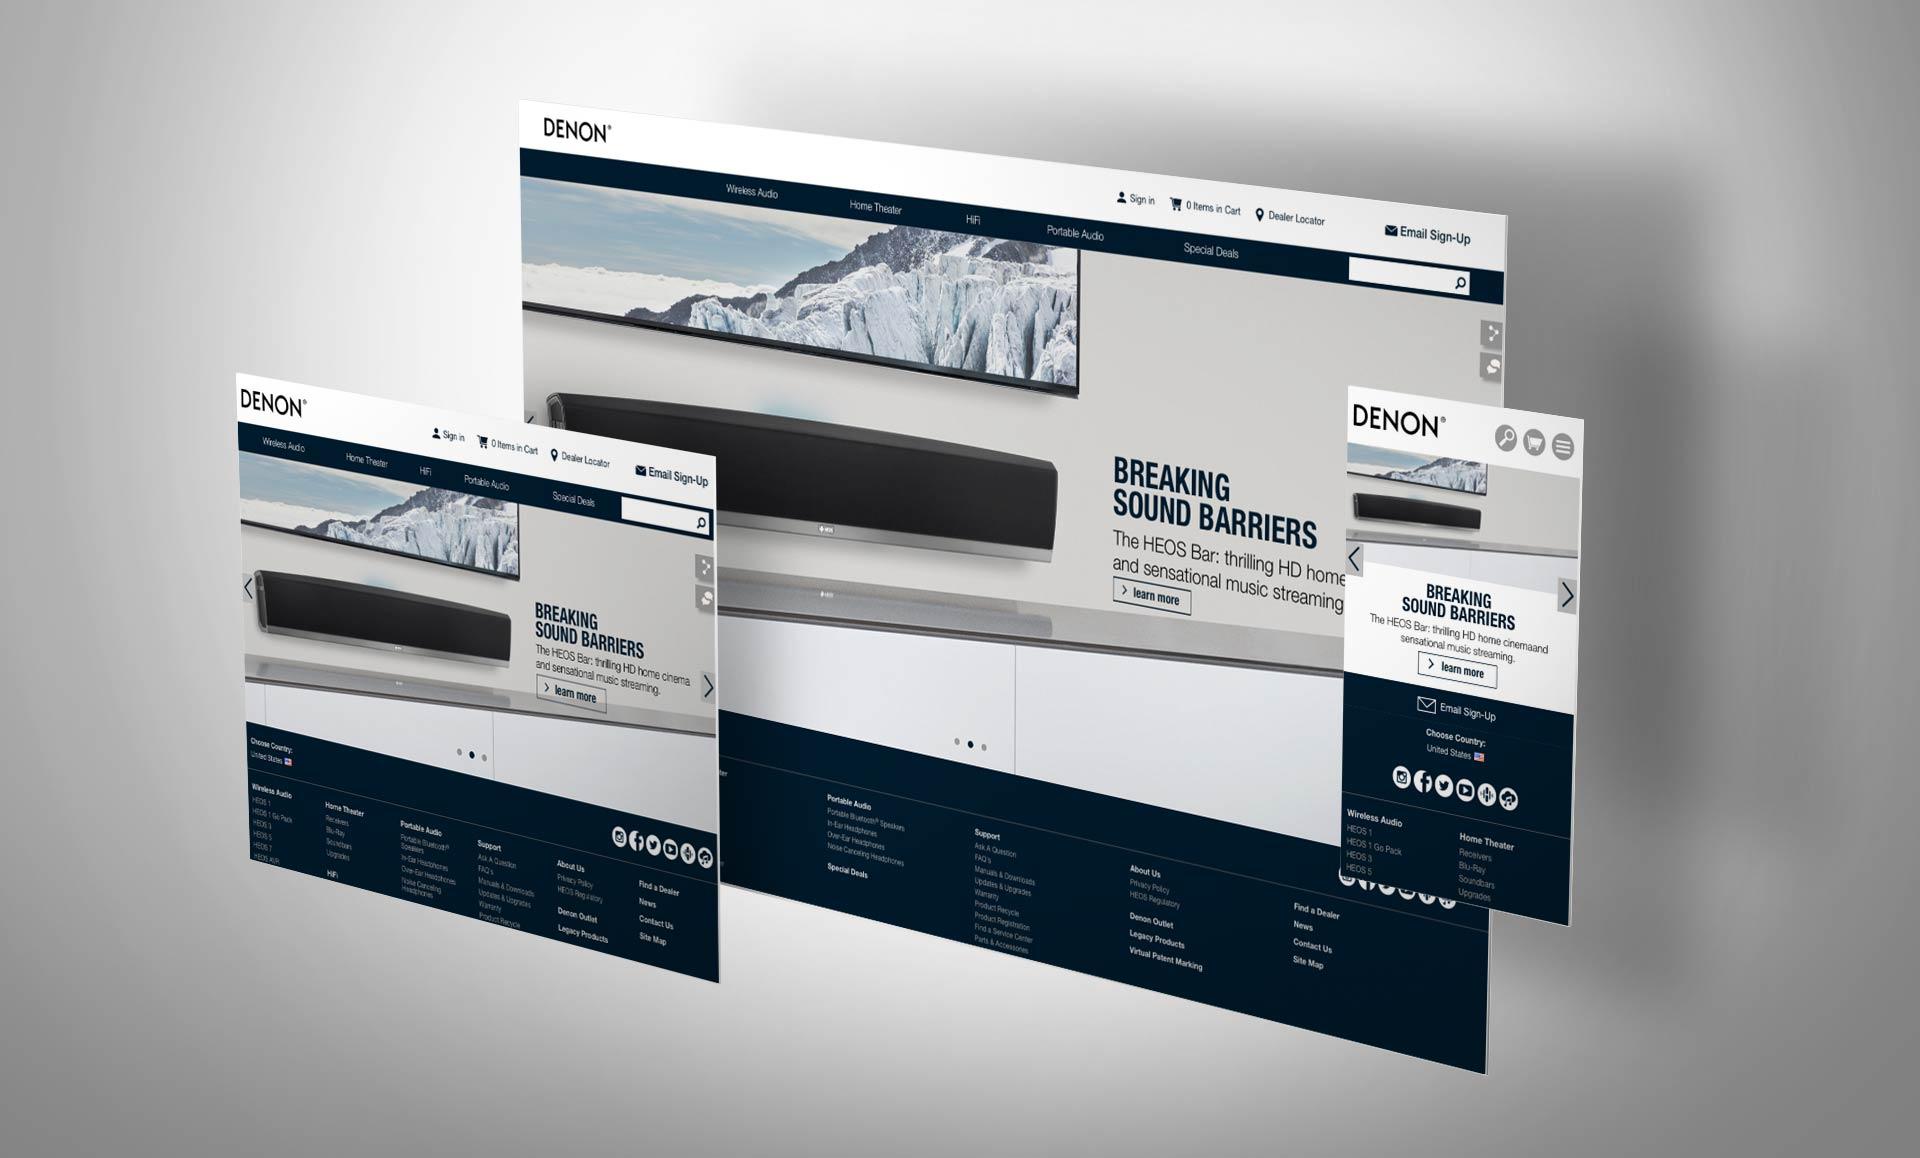 website_responsive_tablet_phone_desktop